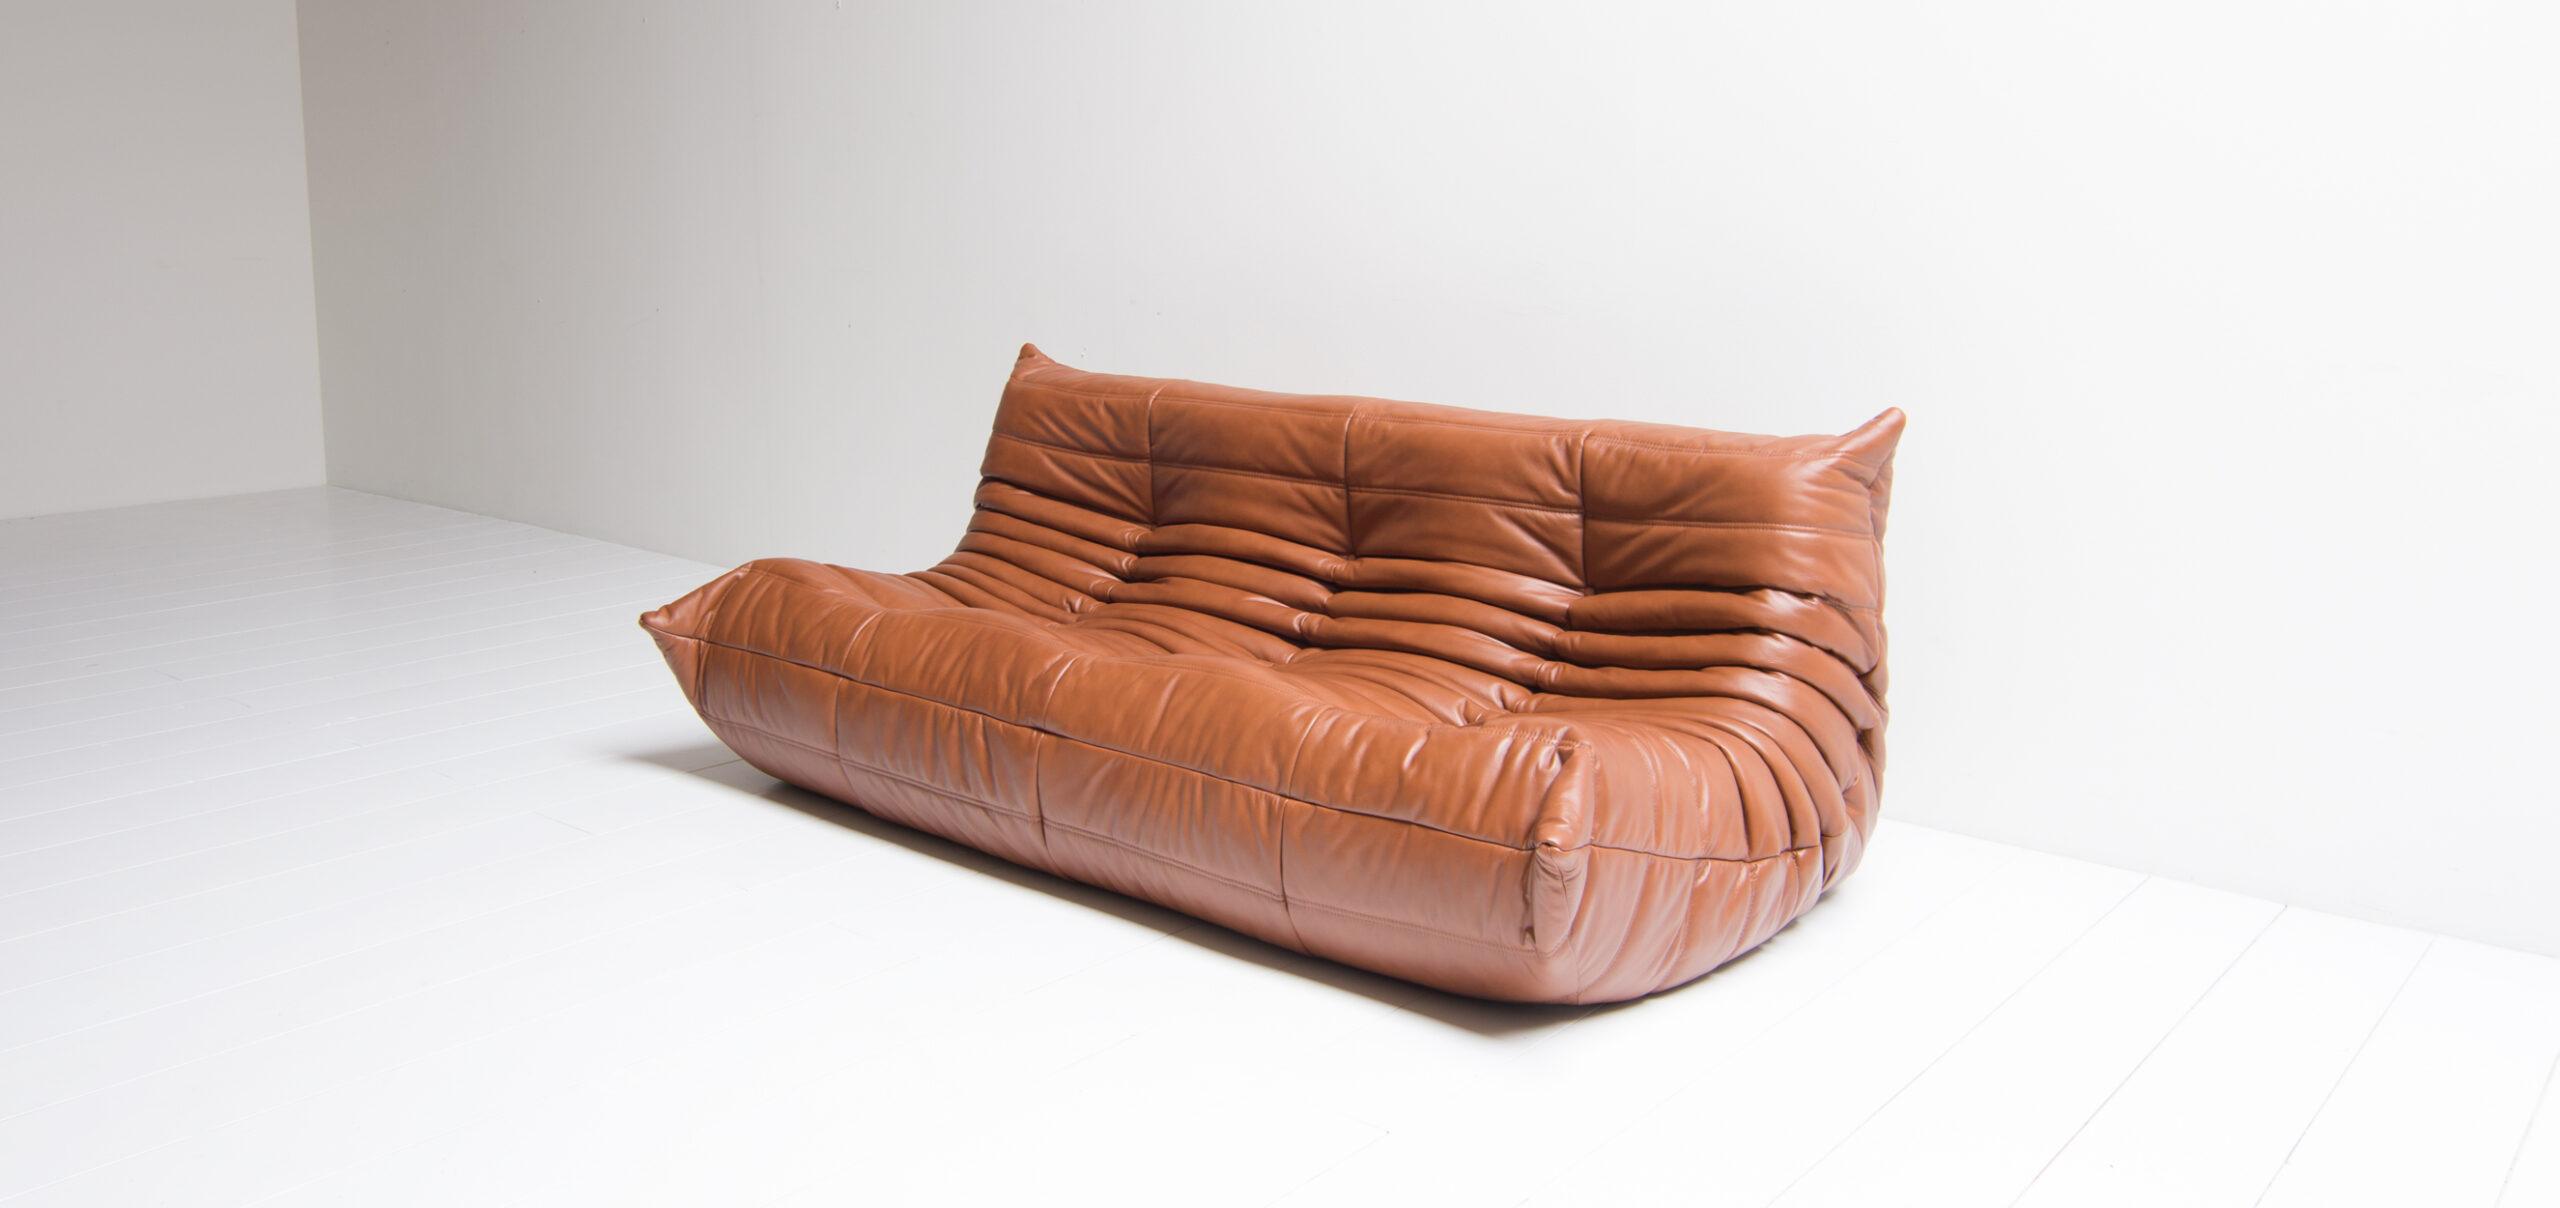 Full Size of Ligne Roset Togo Sessel Gebraucht Sofa Sale Chair Cost Verkaufen Lignet Uk Dimensions Kaufen Fireside Armchair In Dios Ecru Australia Replica Fake Occasion Wohnzimmer Ligne Roset Togo